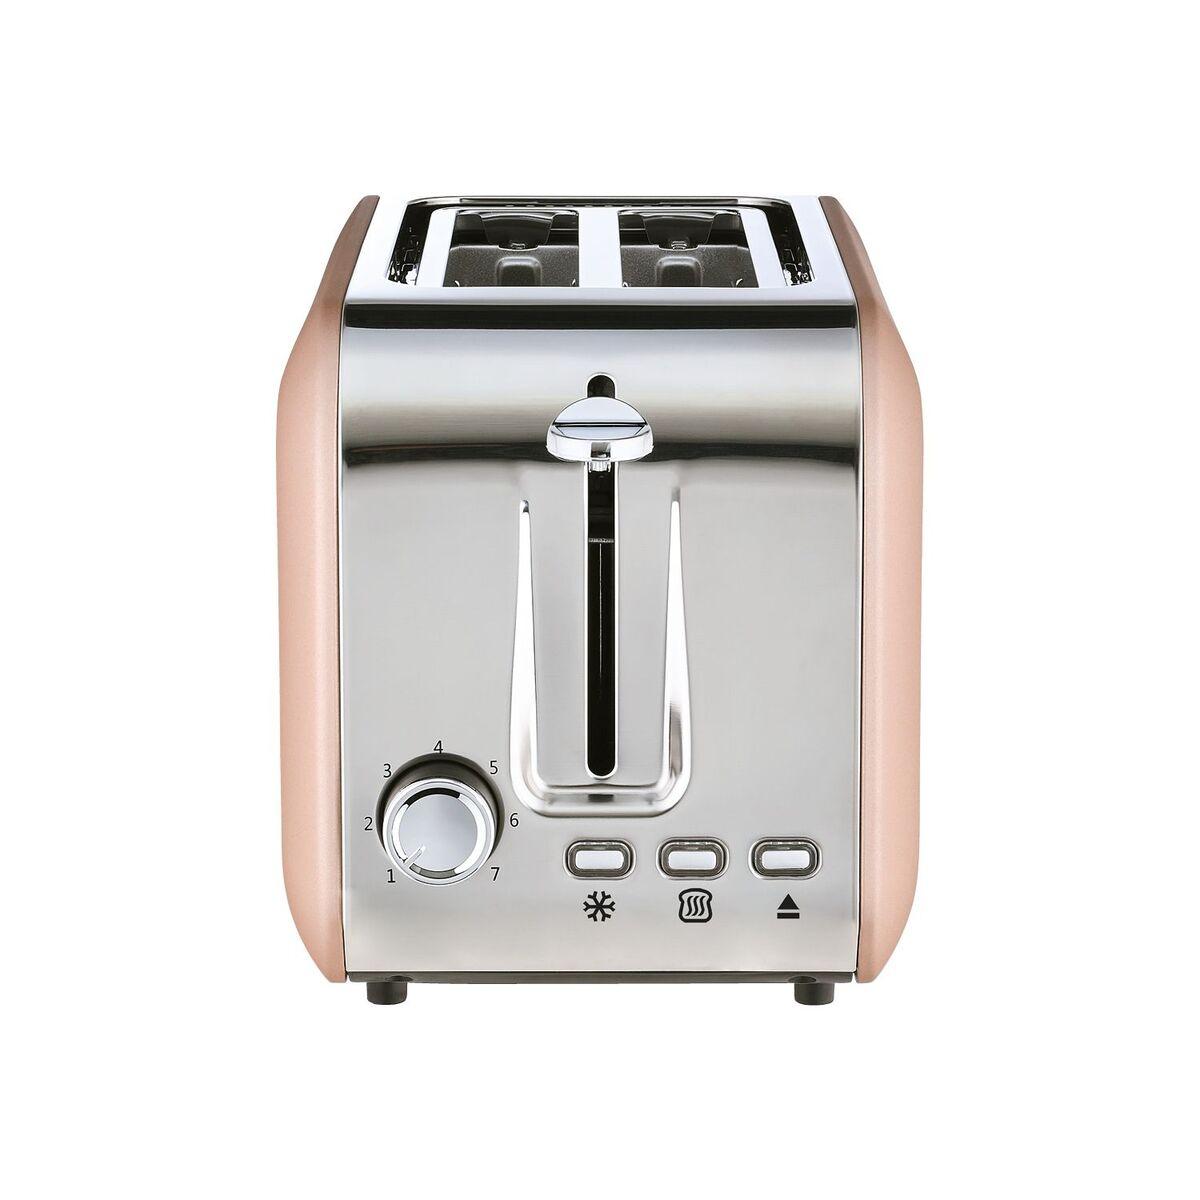 Bild 5 von AMBIANO®  Edelstahl-Toaster